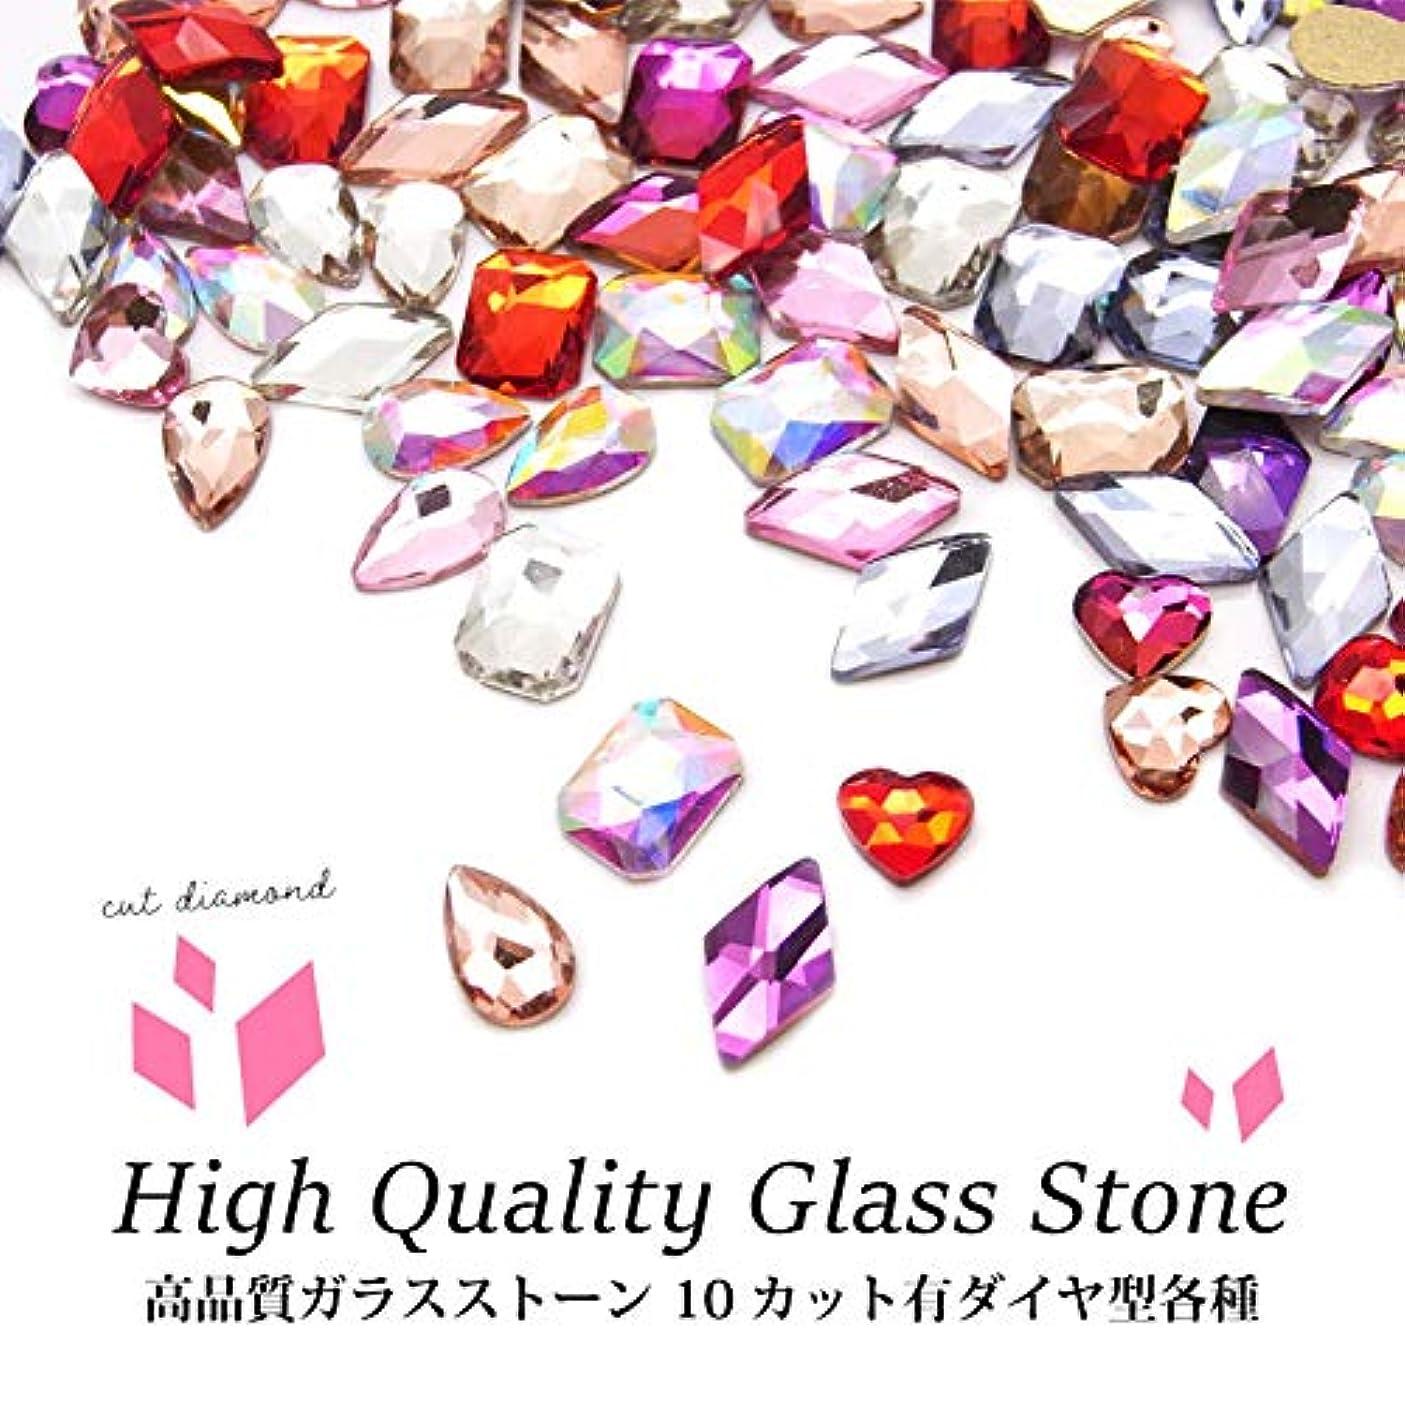 本物の逃れるラボ高品質ガラスストーン 10 カット有ダイヤ型 各種 5個入り (4.ライトシャム)